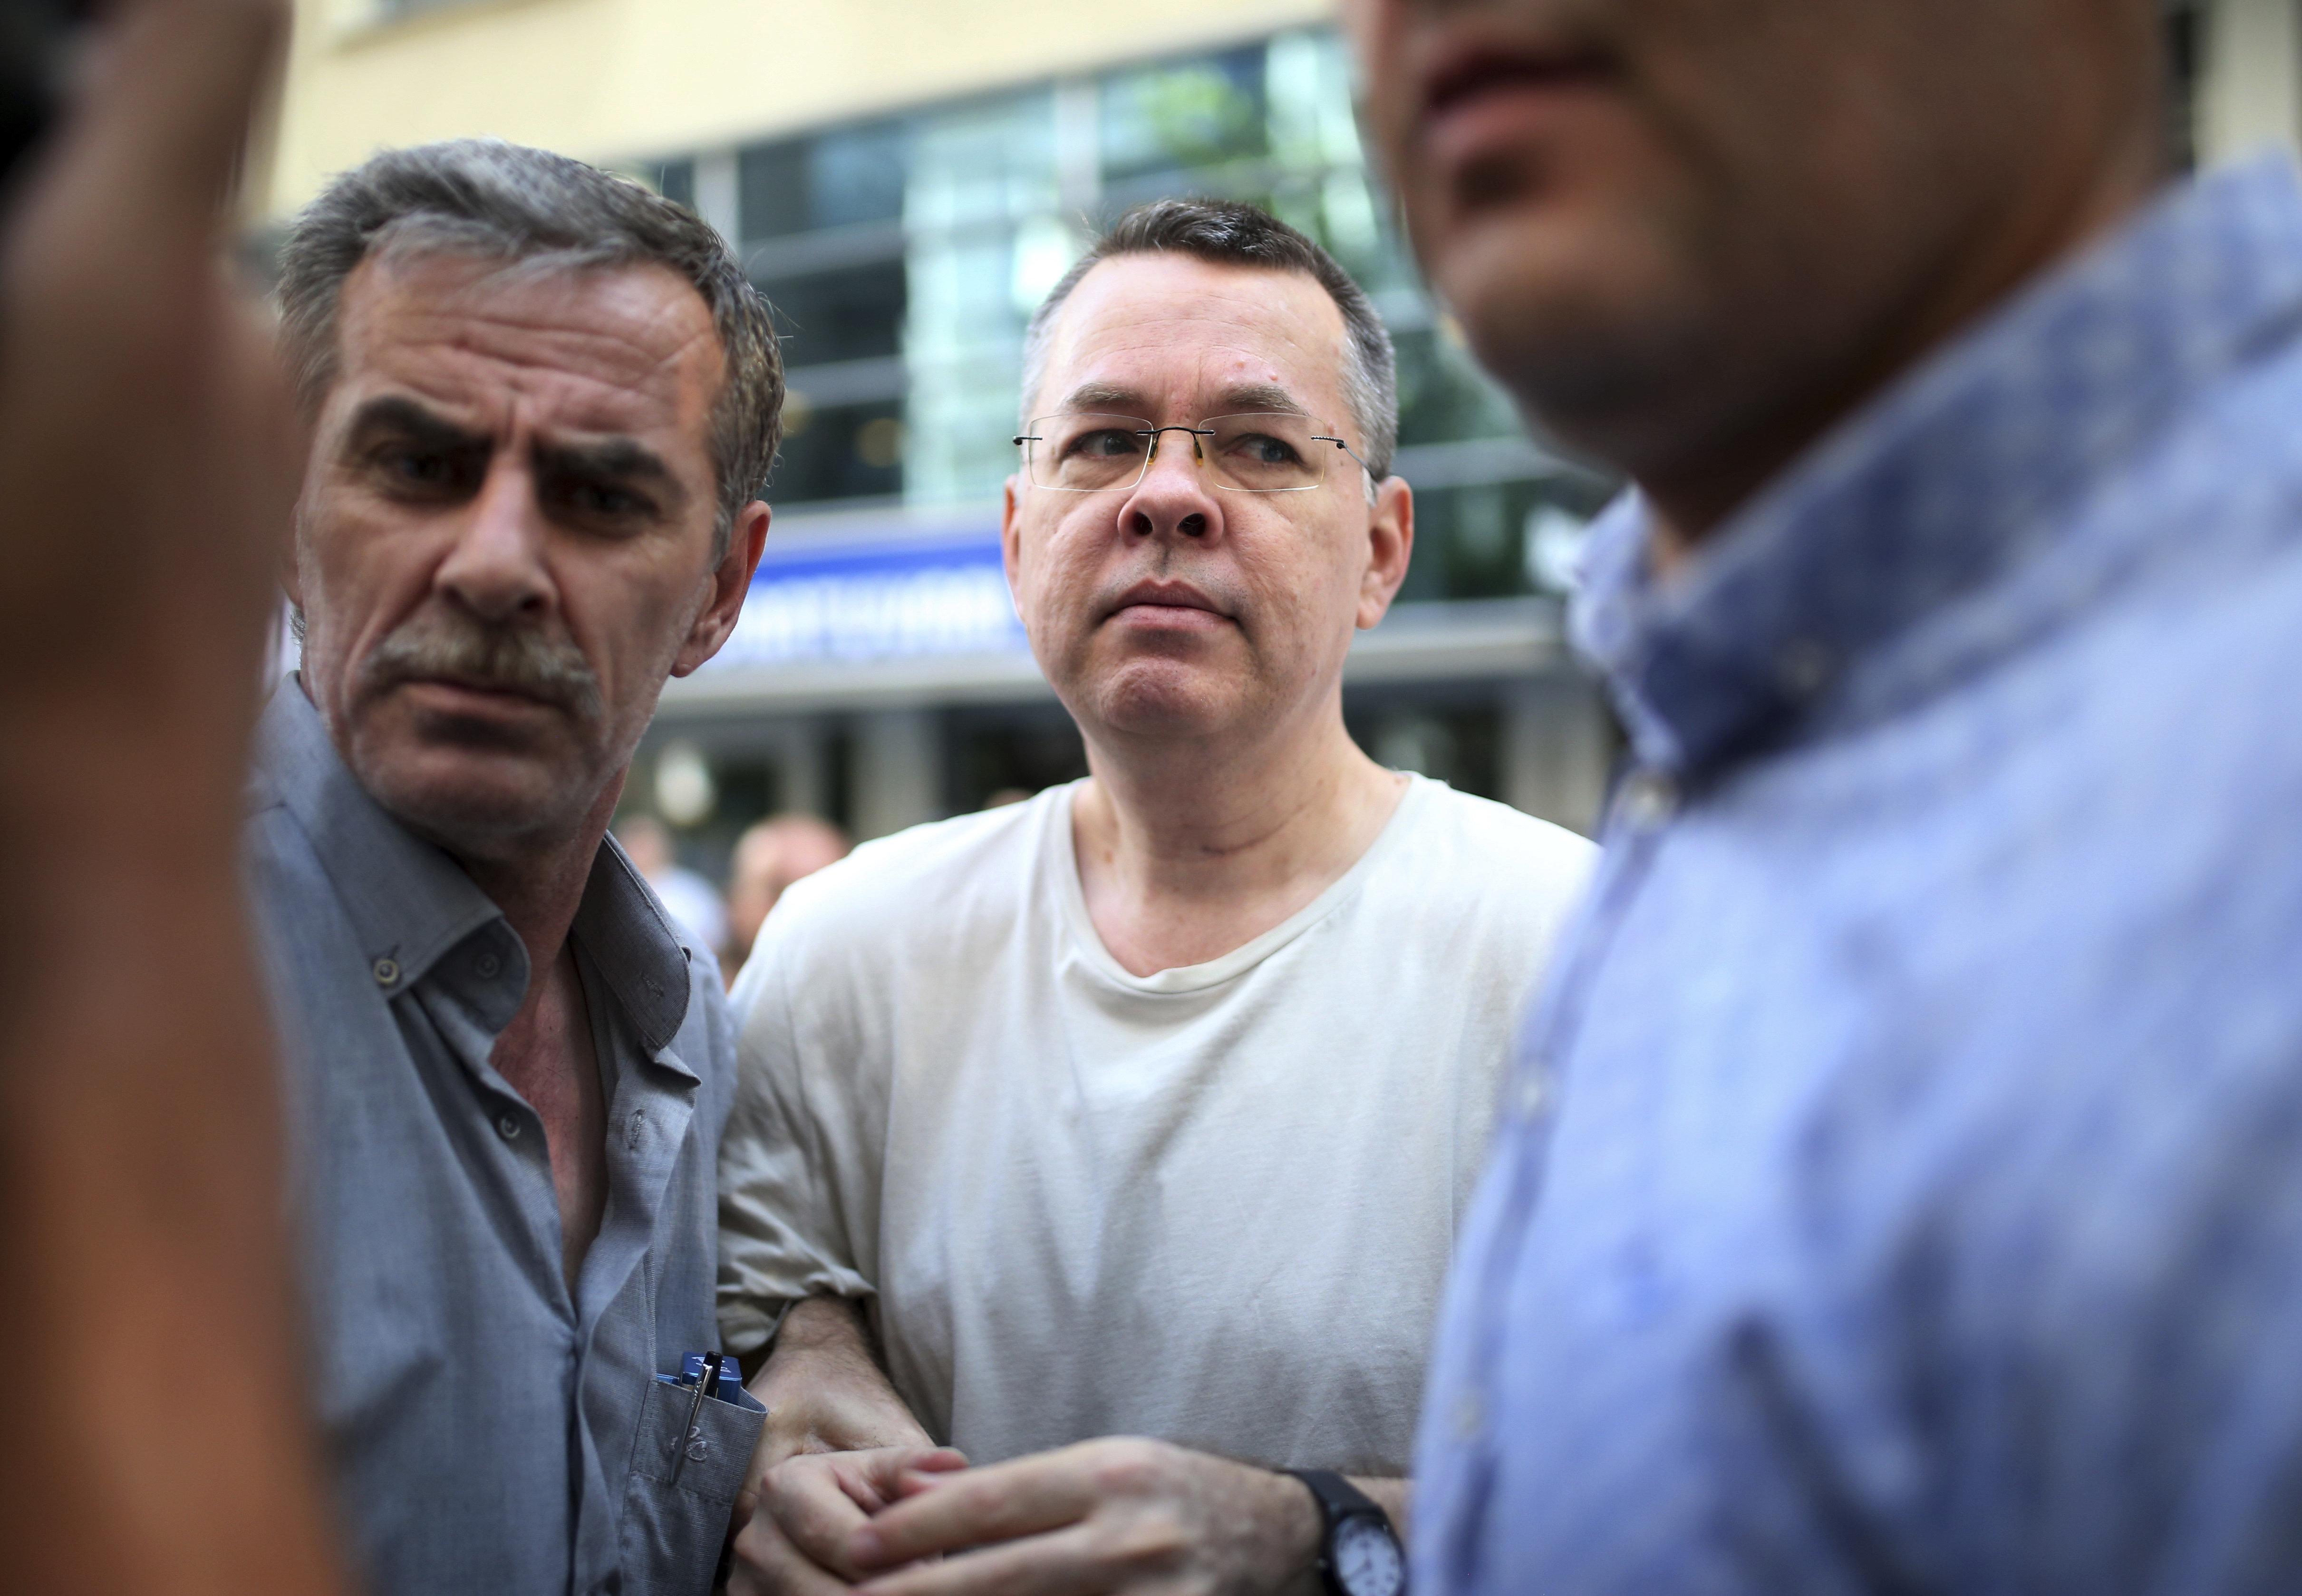 Τουρκία: Πώς η σημερινή εξέλιξη στην υπόθεση του πάστορα Μπράνσον θα επηρεάσει τις